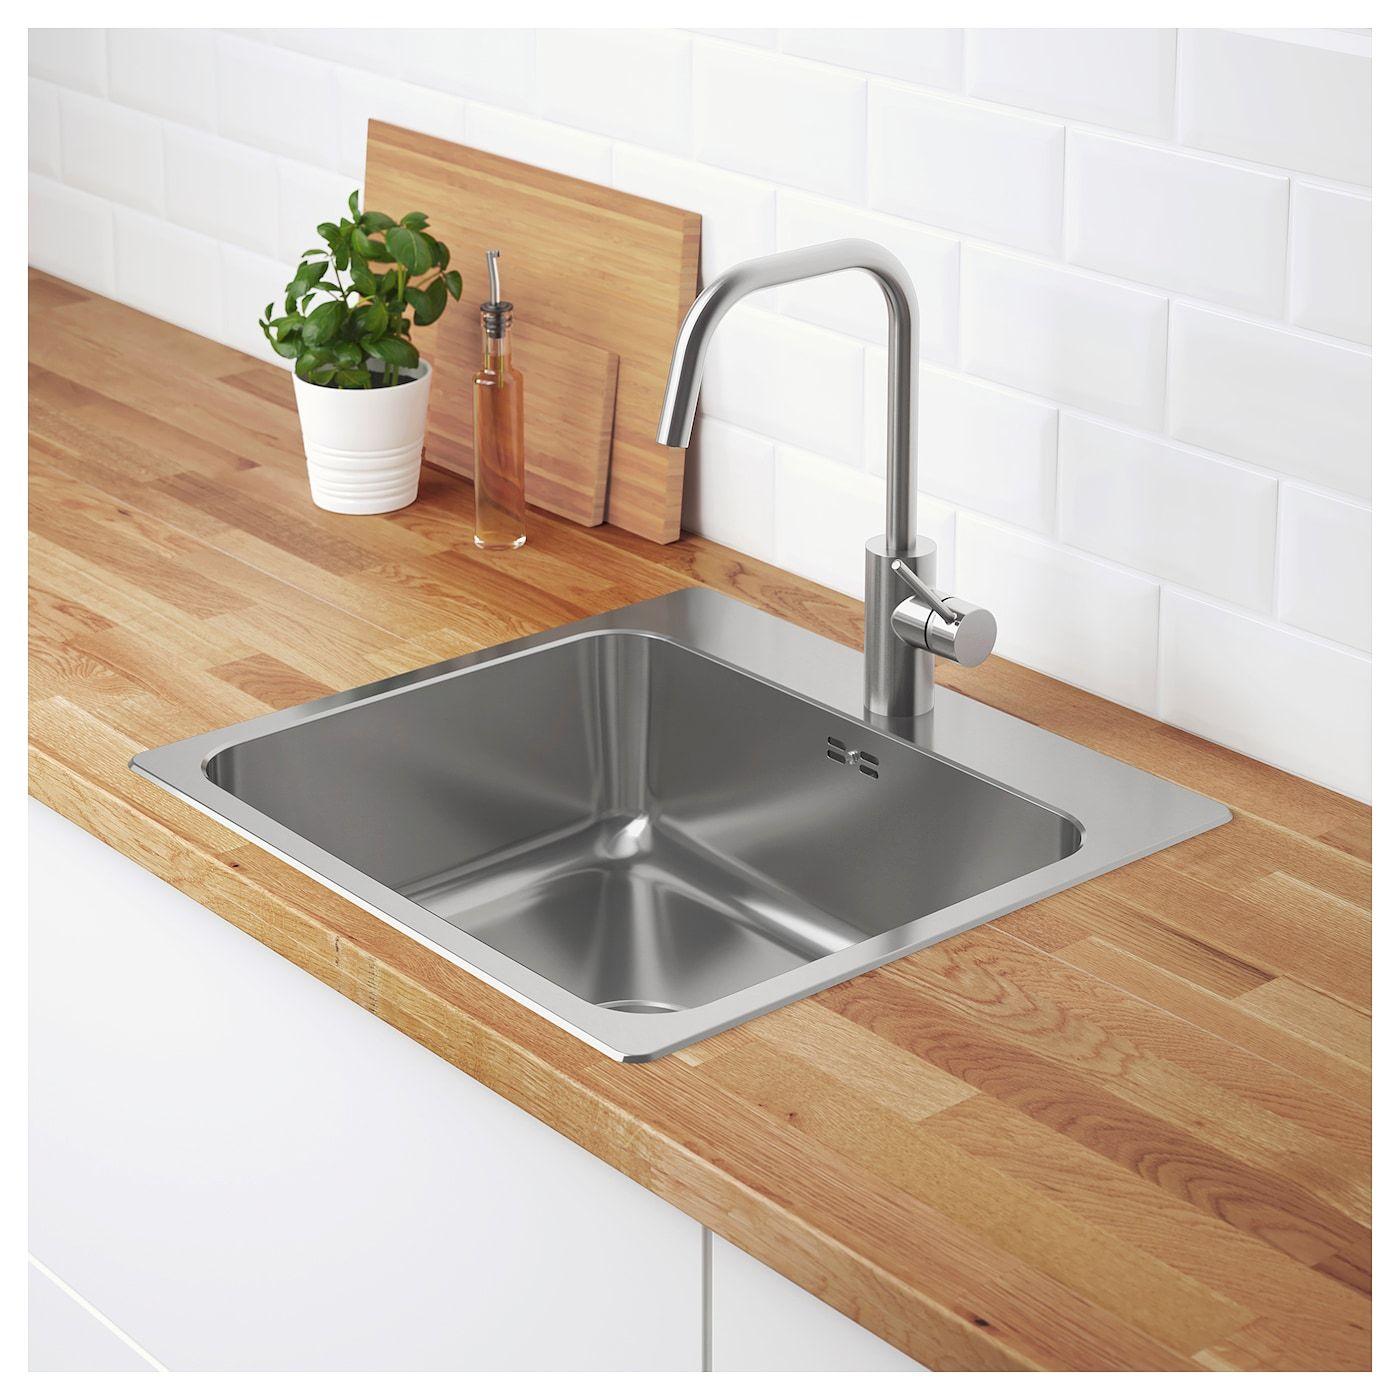 LÅNGUDDEN Einbauspüle, 20 Becken Edelstahl  Umbau kleiner küche